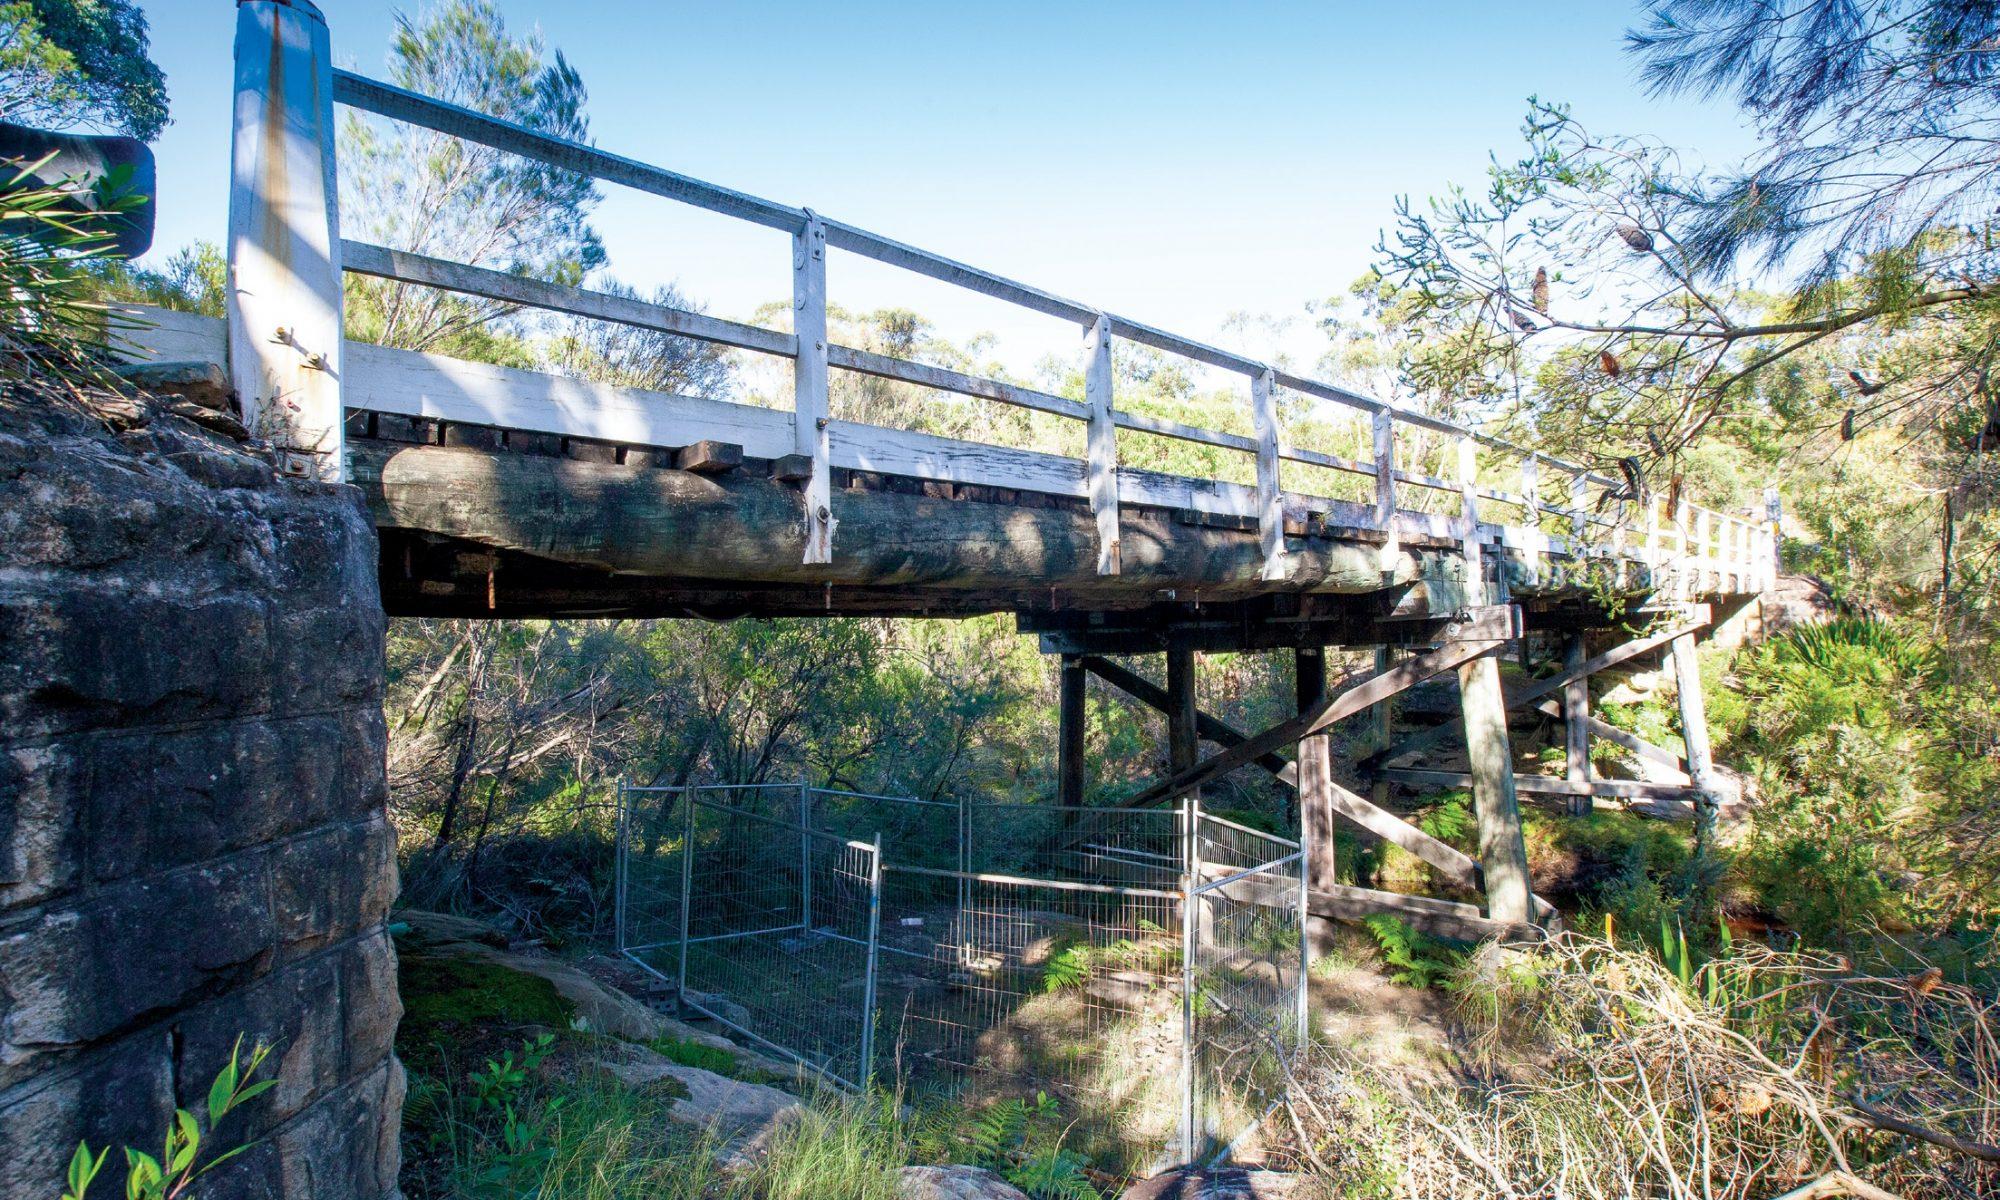 Flat Rock Bridge from below